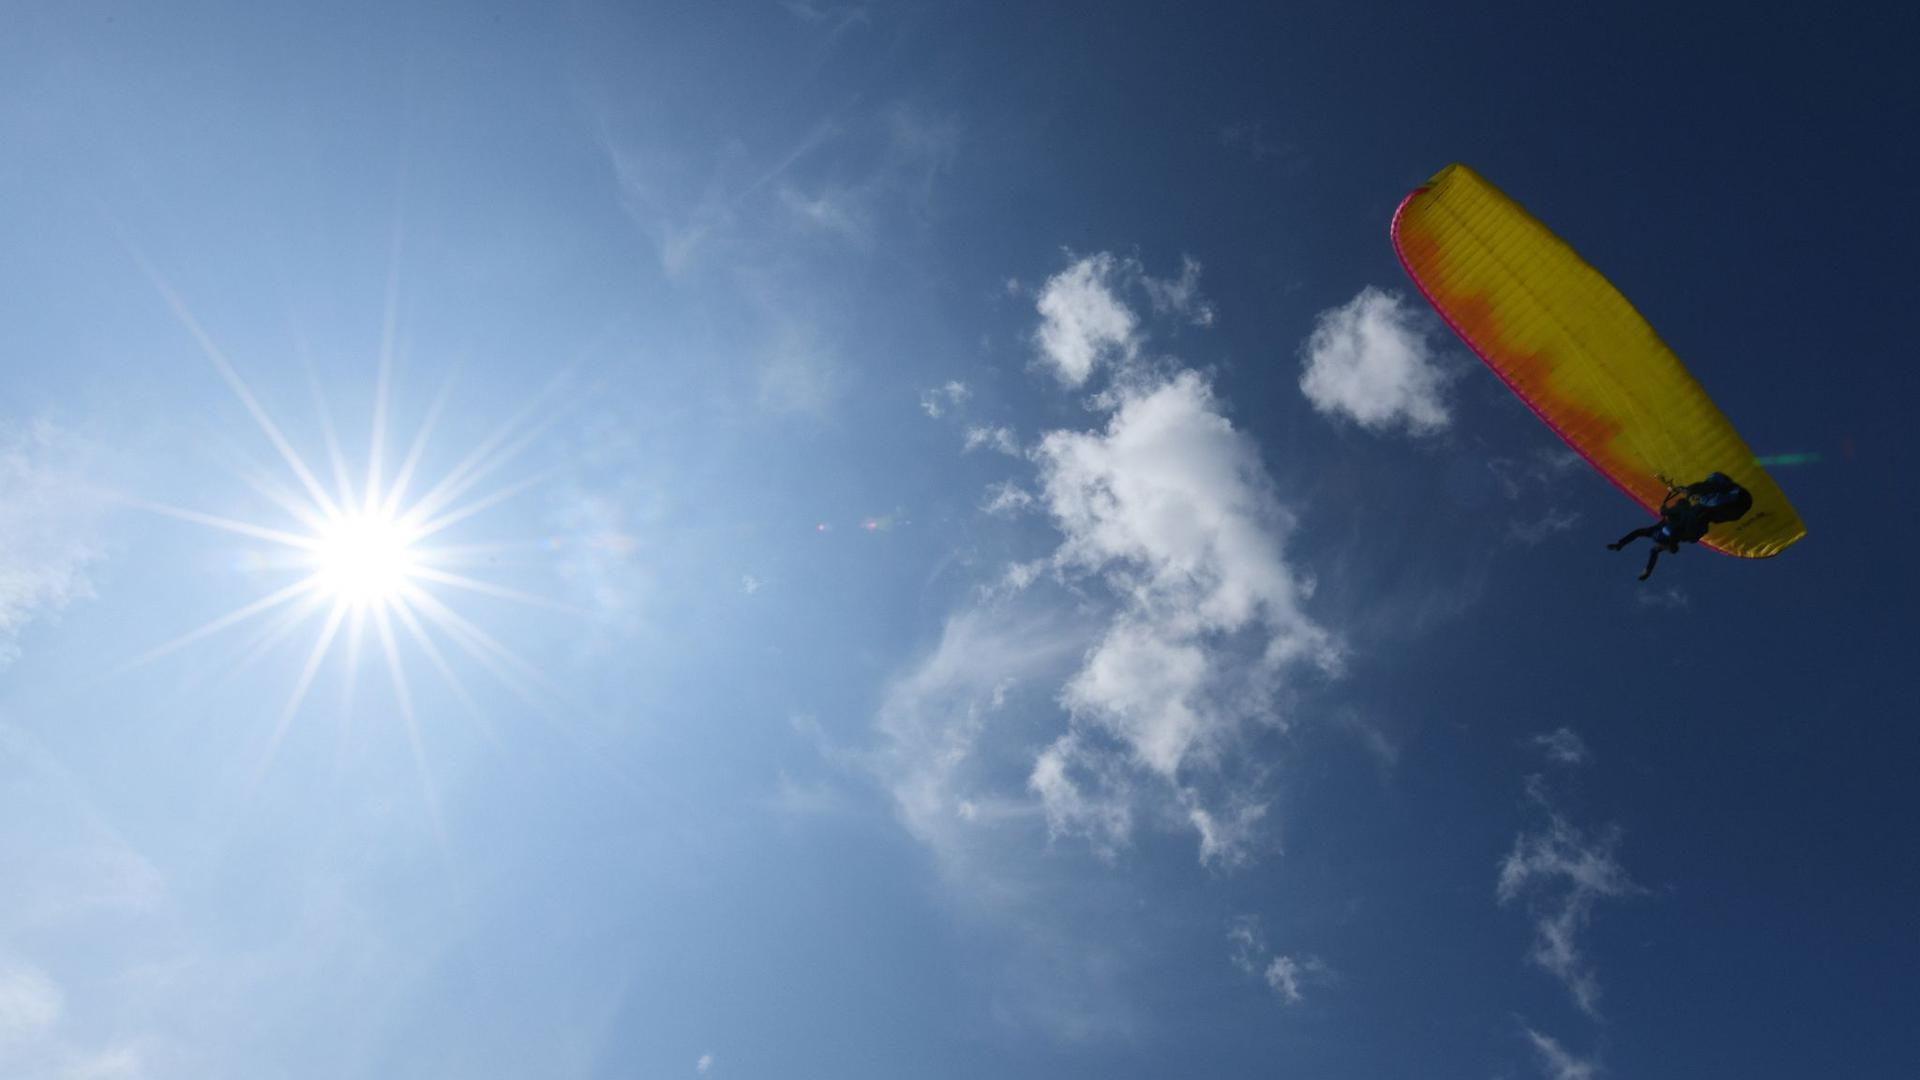 Ein Gleitschirmflieger startet bei sonnigem Wetter.